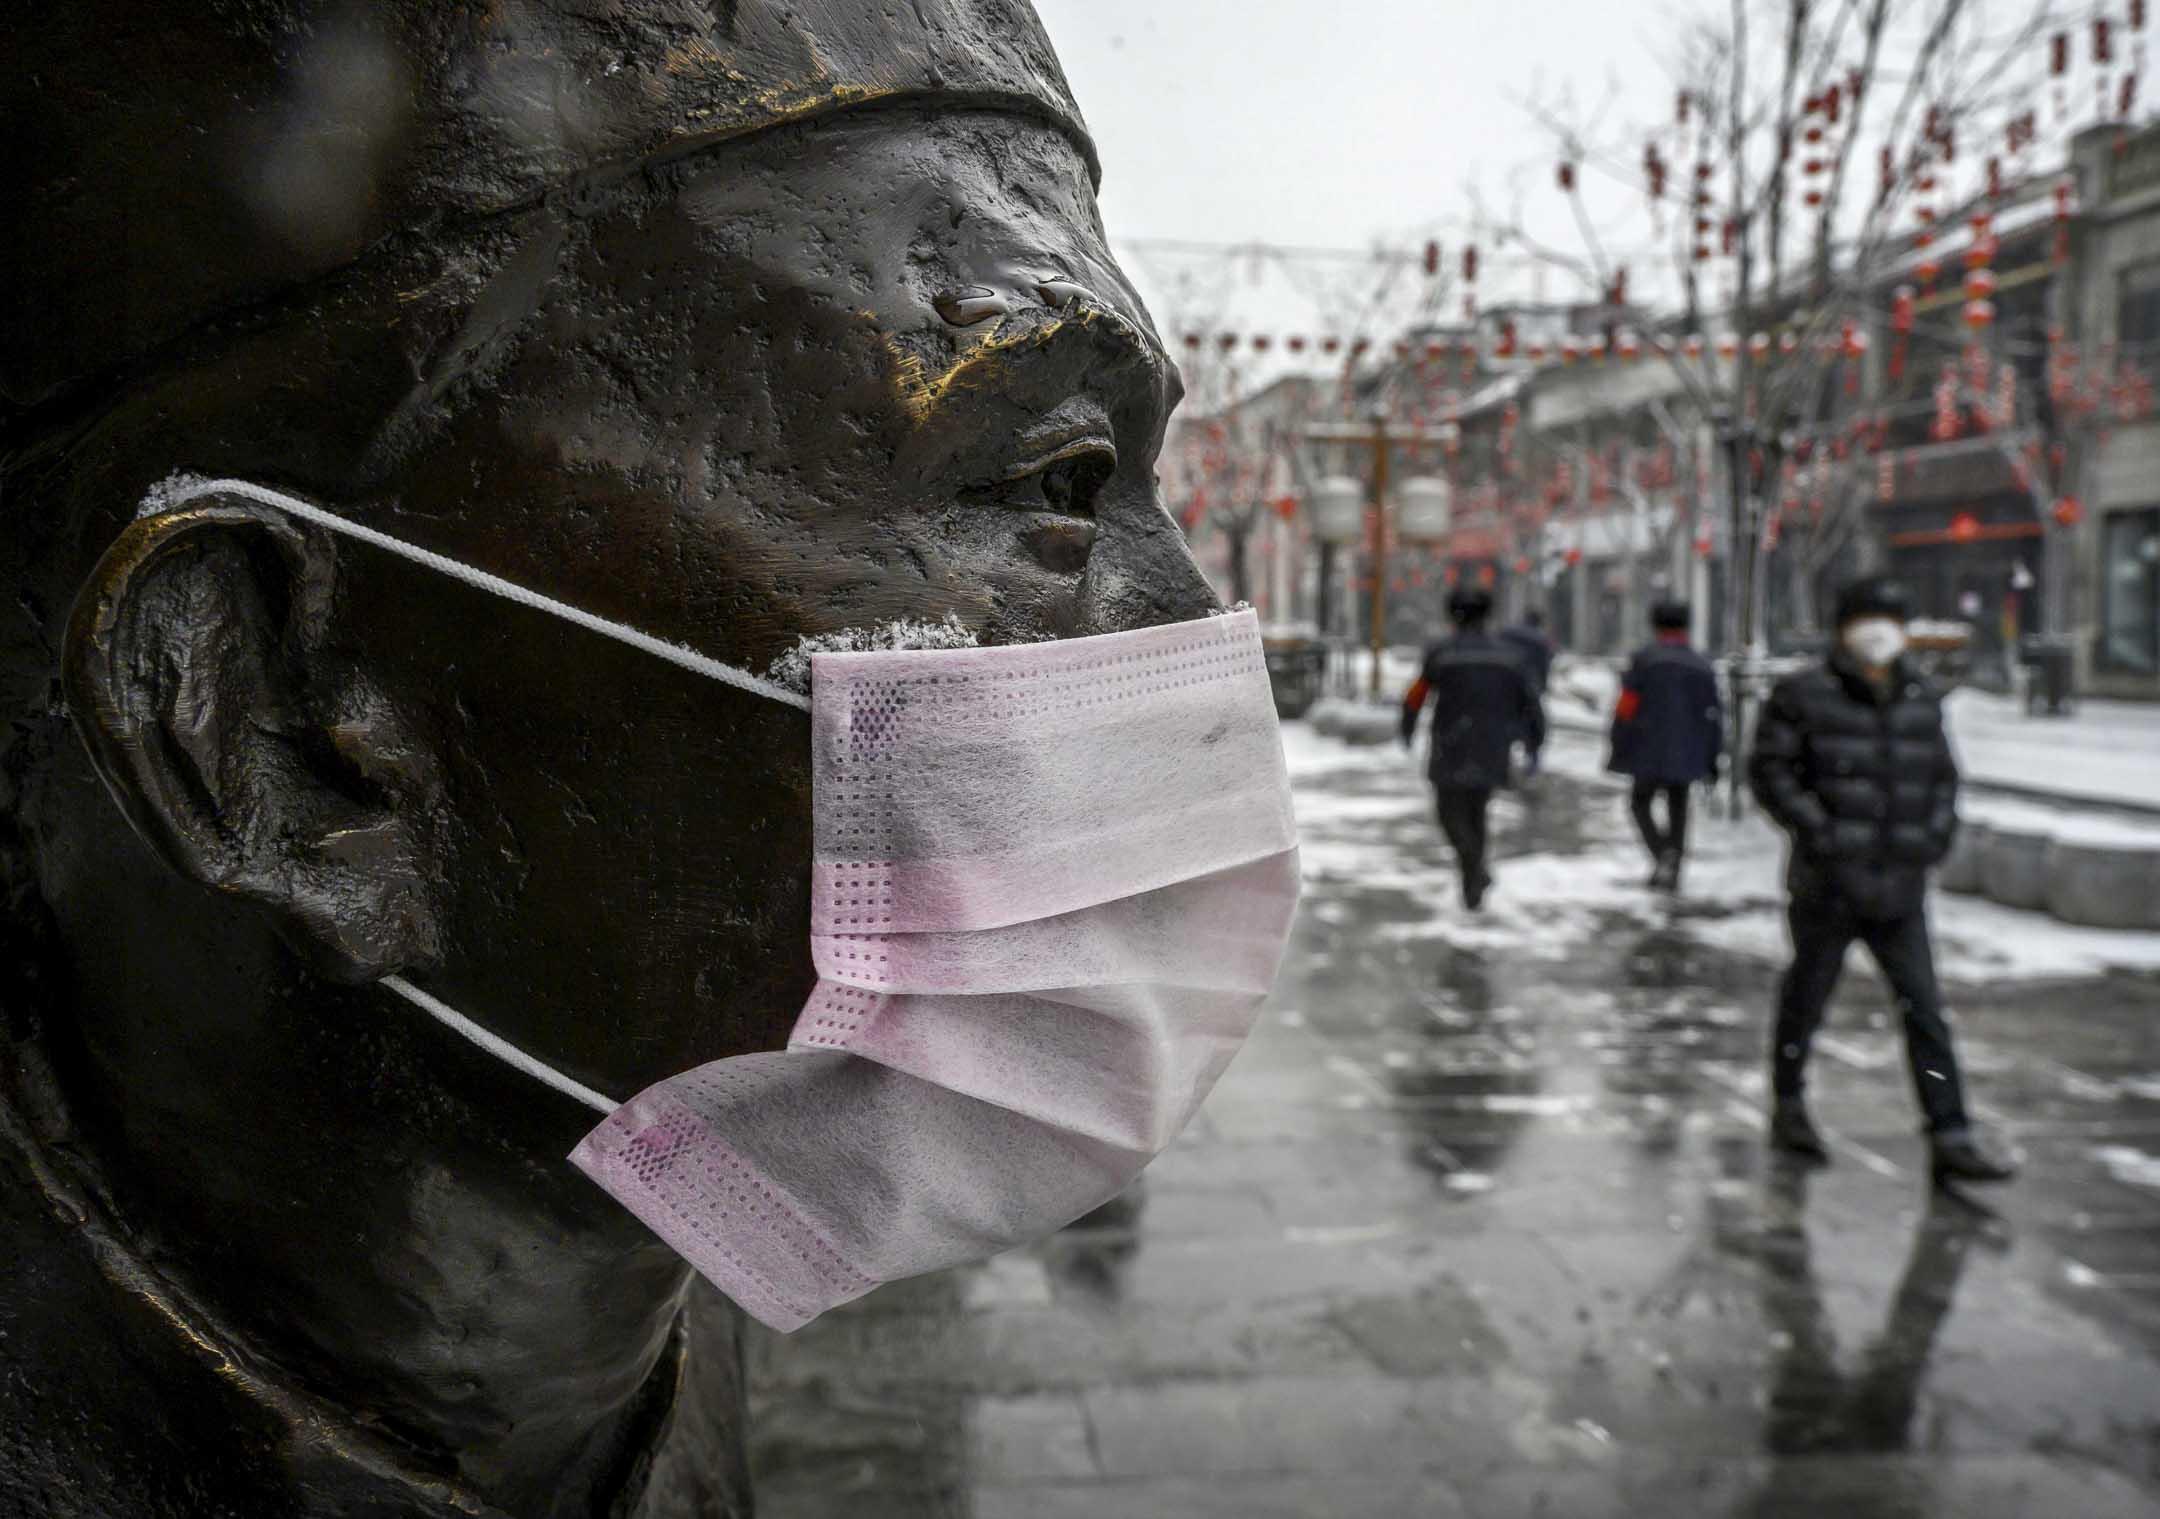 2020年2月5日,北京街上,有一個戴了防護口罩的雕像。 攝:Kevin Frayer/Getty Images